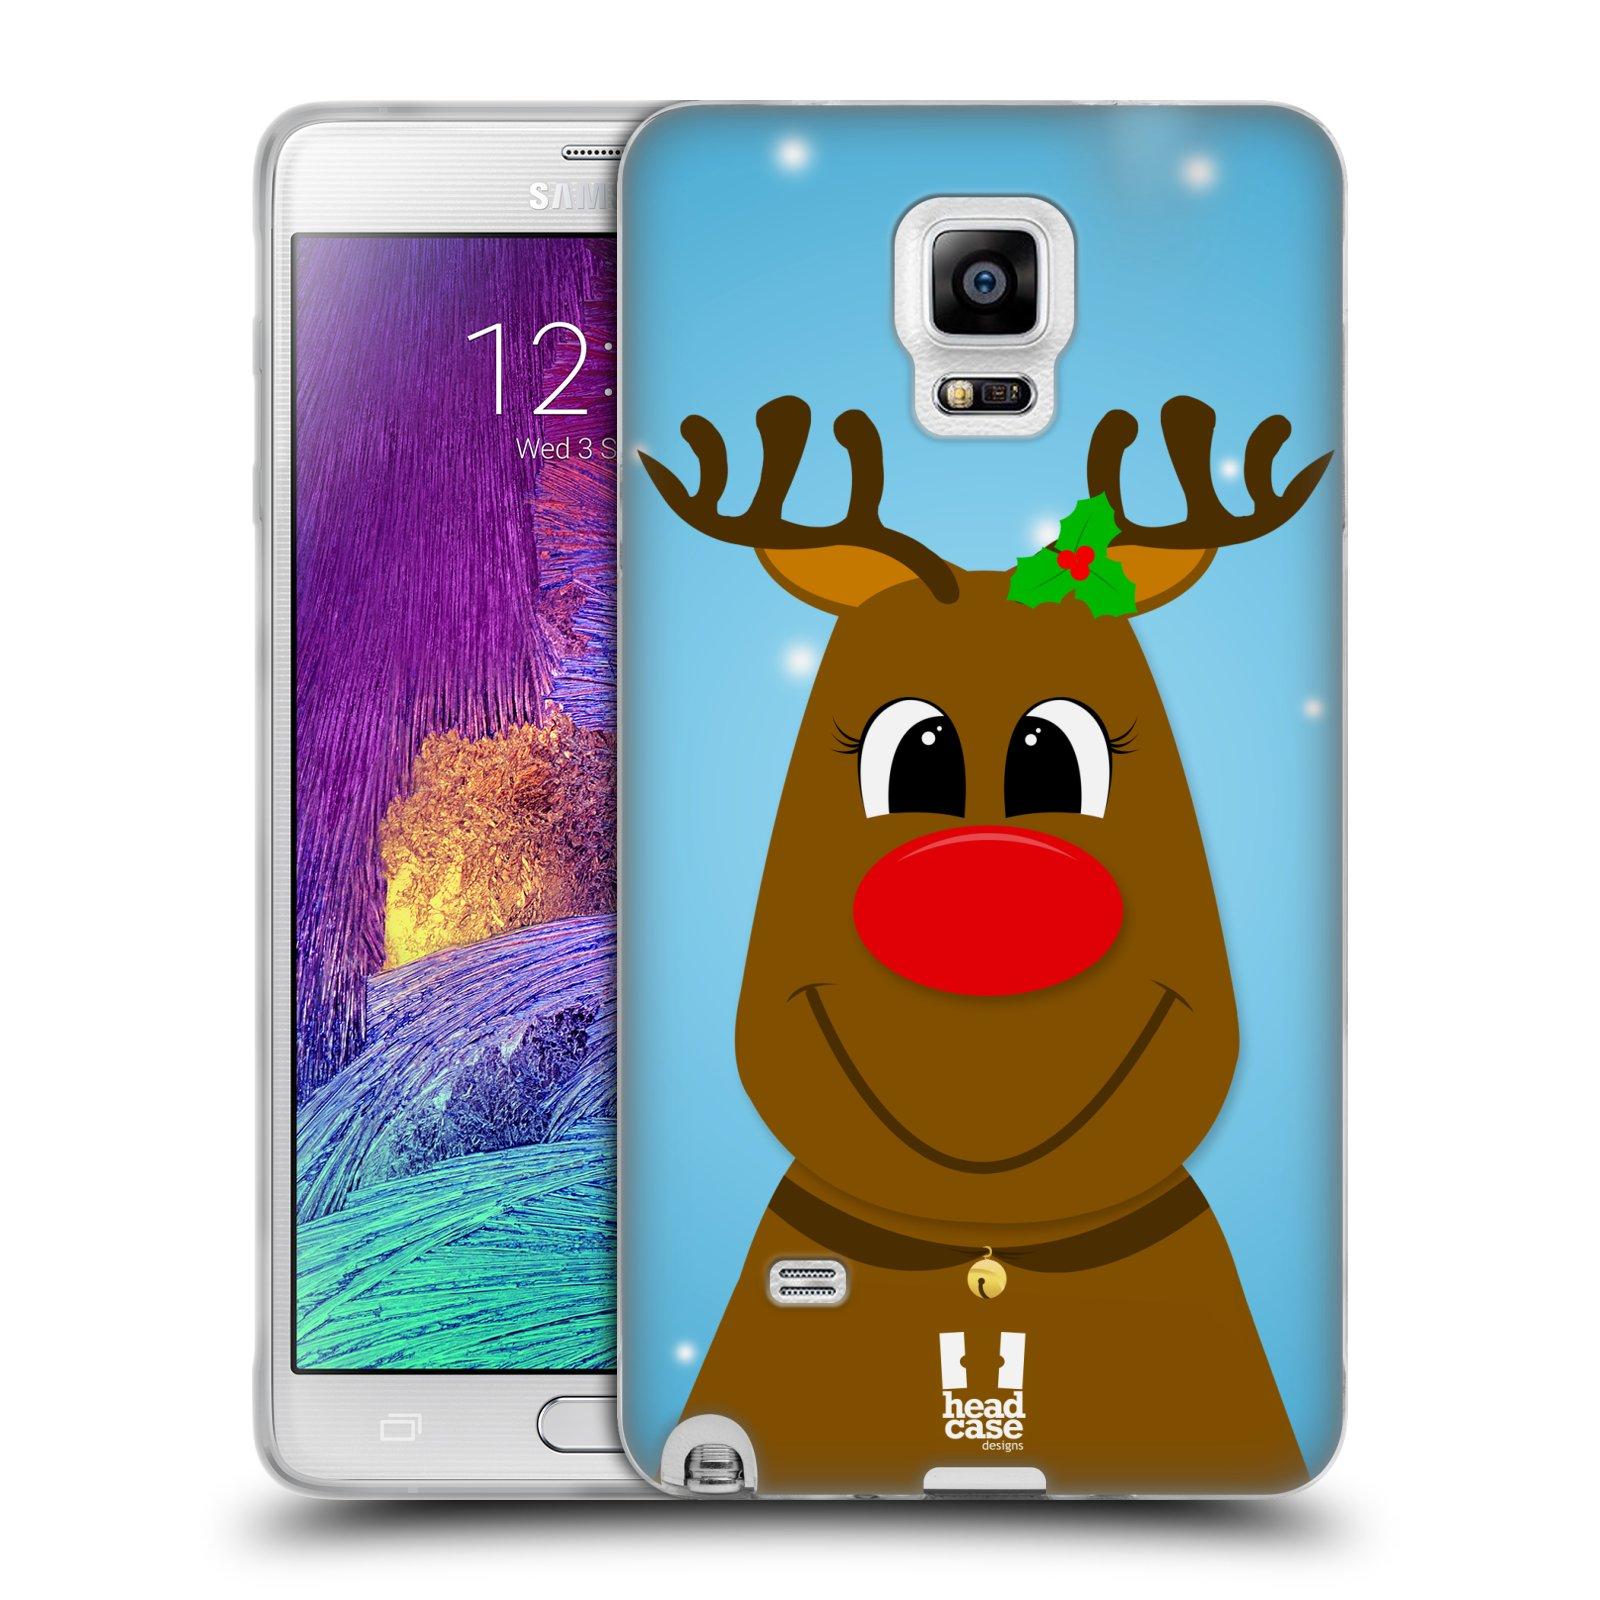 HEAD CASE silikonový obal na mobil Samsung Galaxy Note 4 (N910) vzor Vánoční tváře kreslené SOB RUDOLF